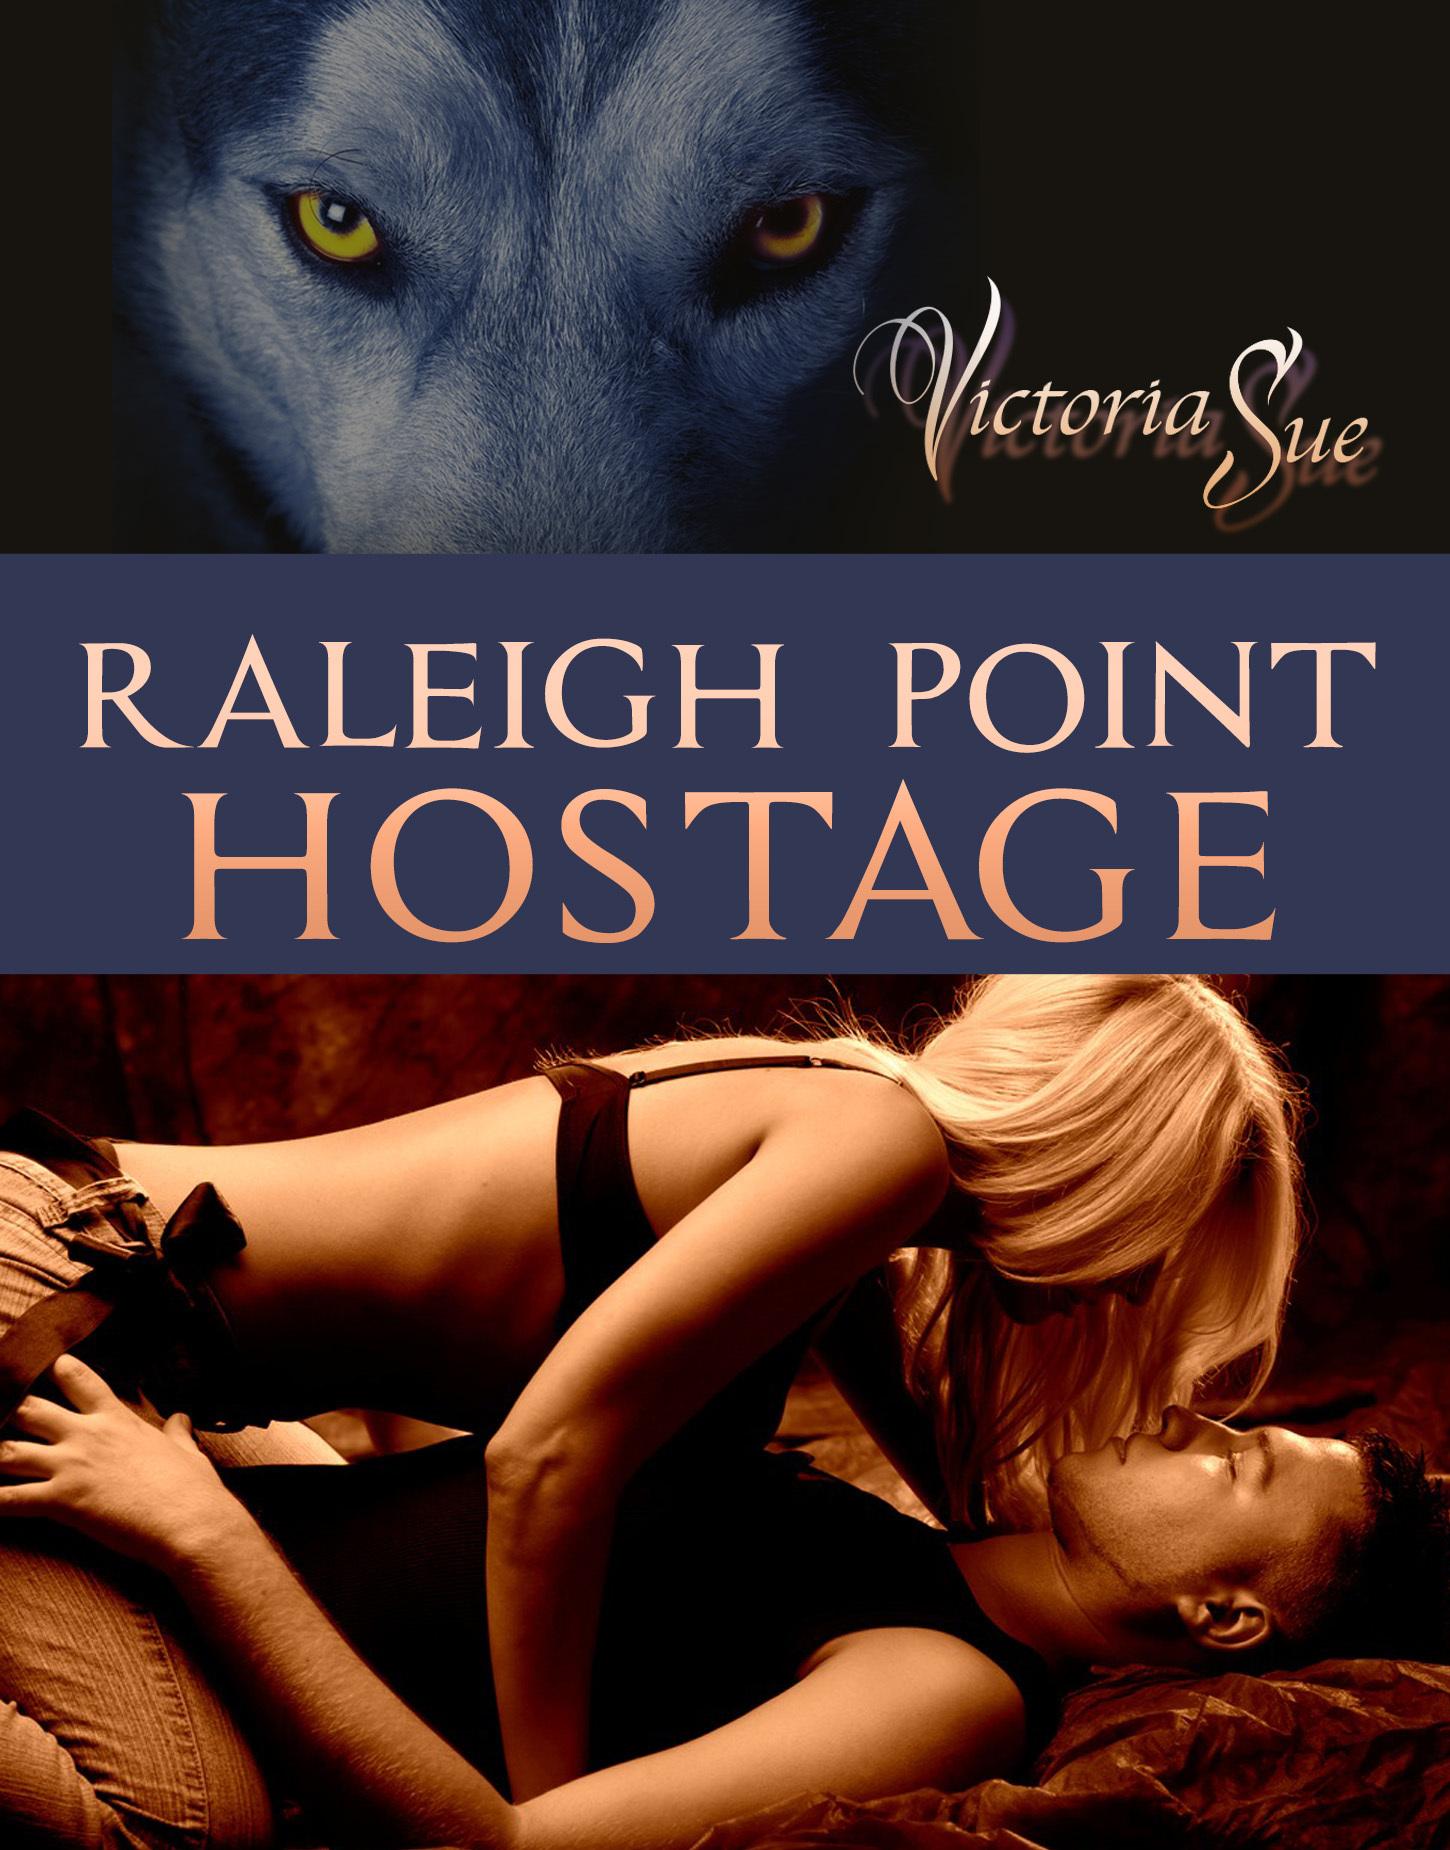 Raleigh Point - Hostage Victoria Sue